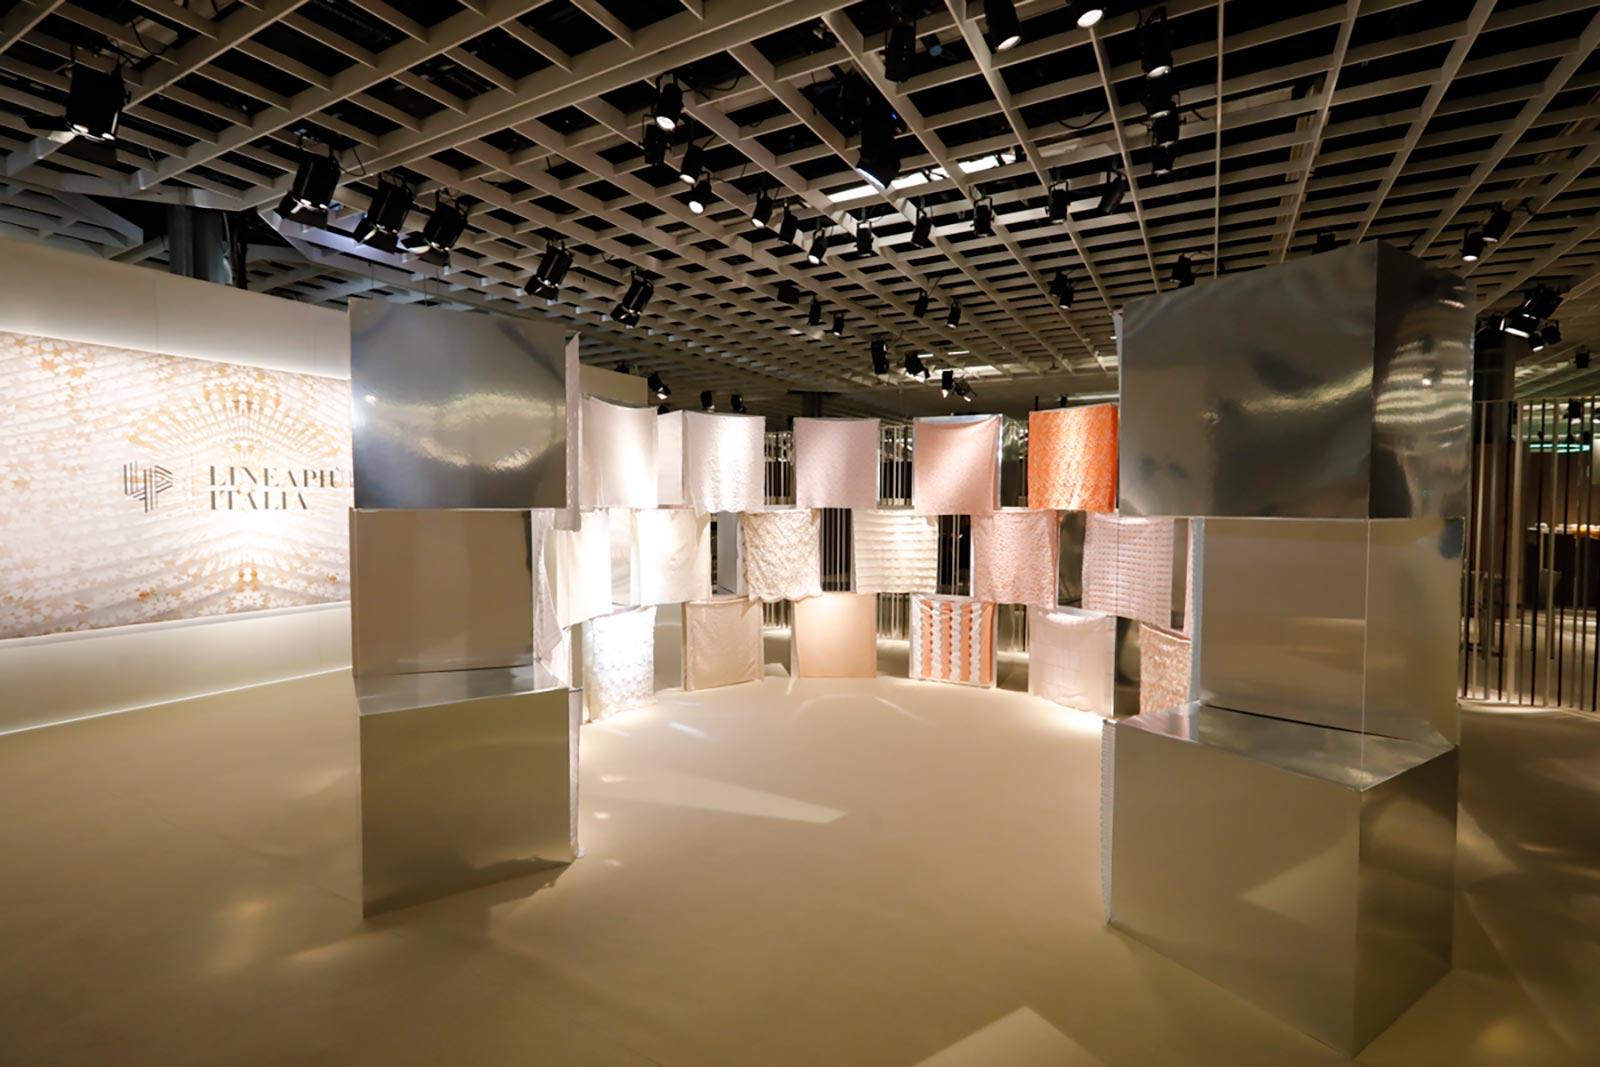 Filati da sogno - Intervista alla designer di Lineapiù: Pitti Filati 84 Lineapiù SS20 Collection